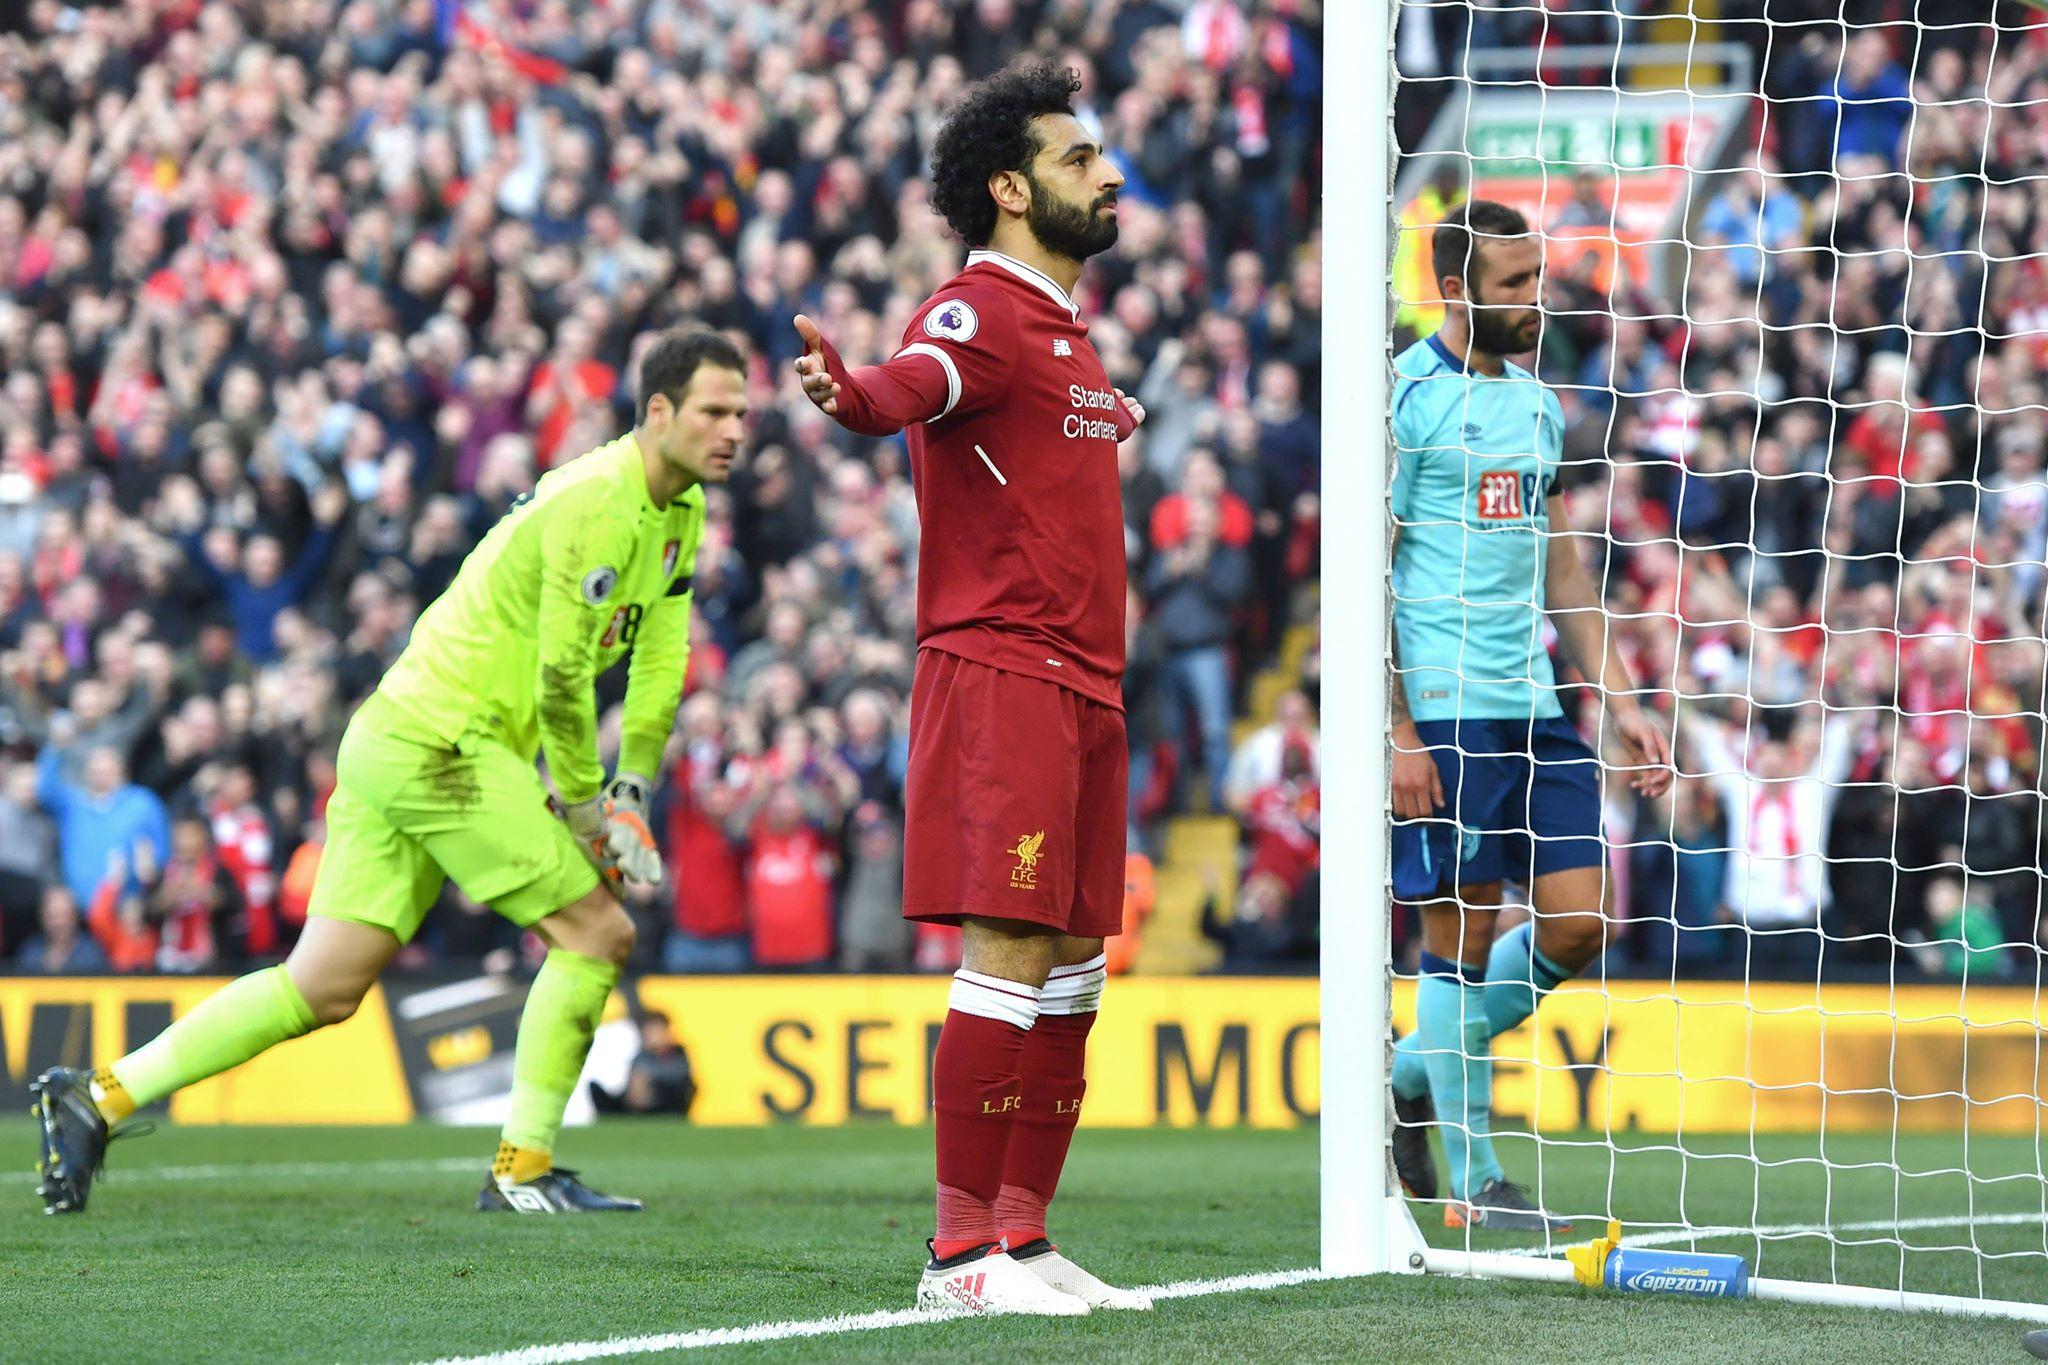 Salah celebrates scoring a goal. Image: PA